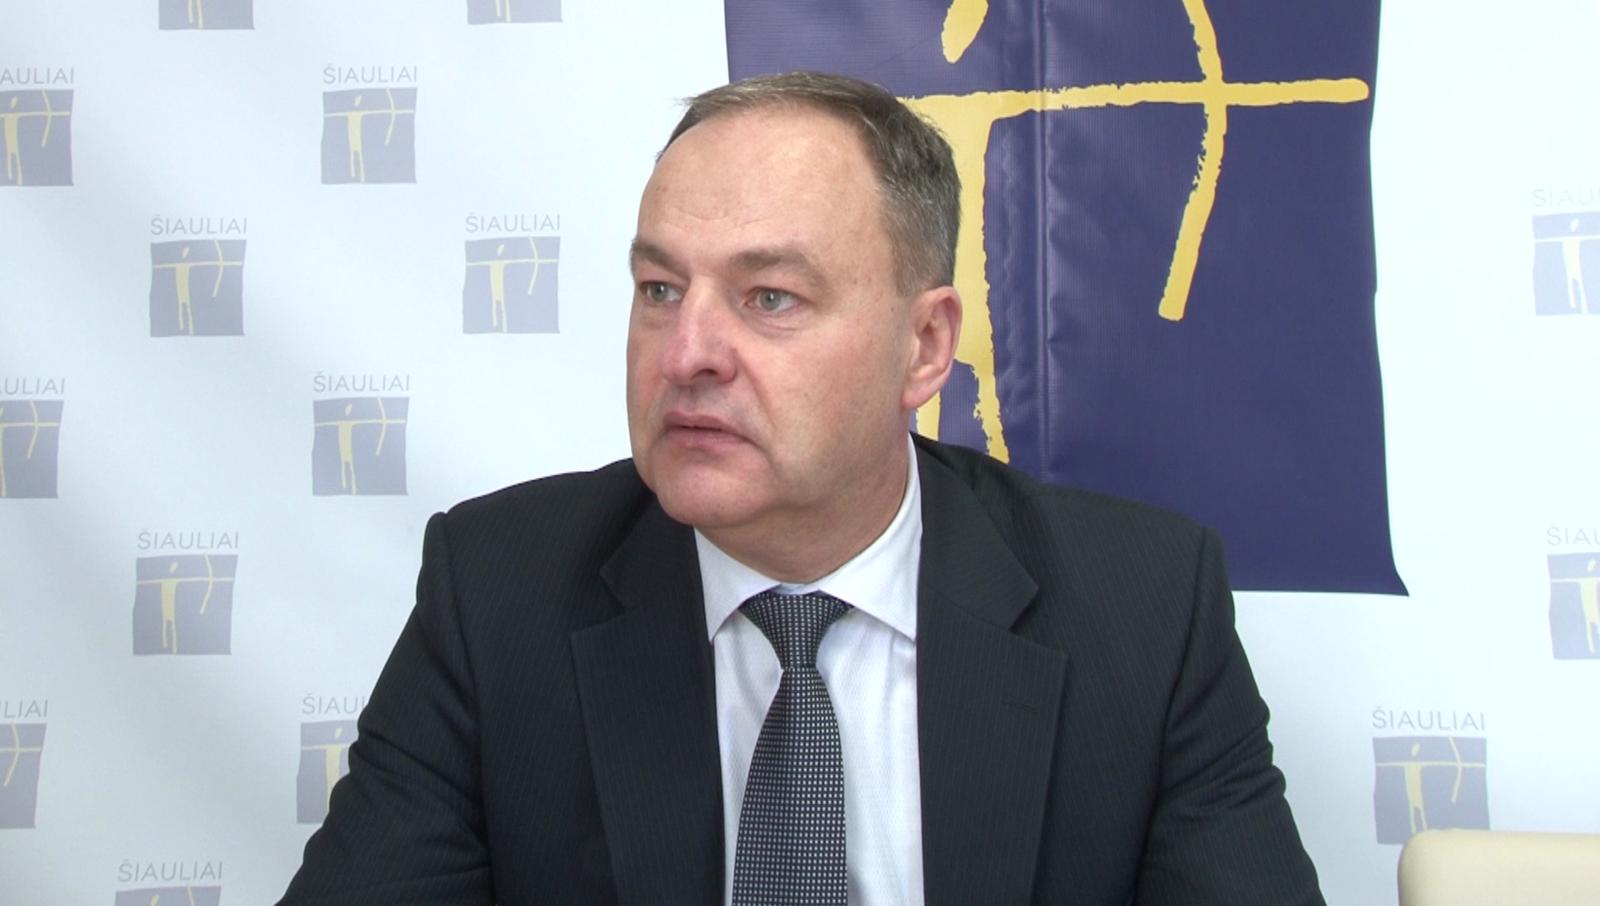 G.Sitnikas kreipėsi į G.Palucką: dėl įtampos skyriuje pareiškė nedalyvausiantis rinkimuose